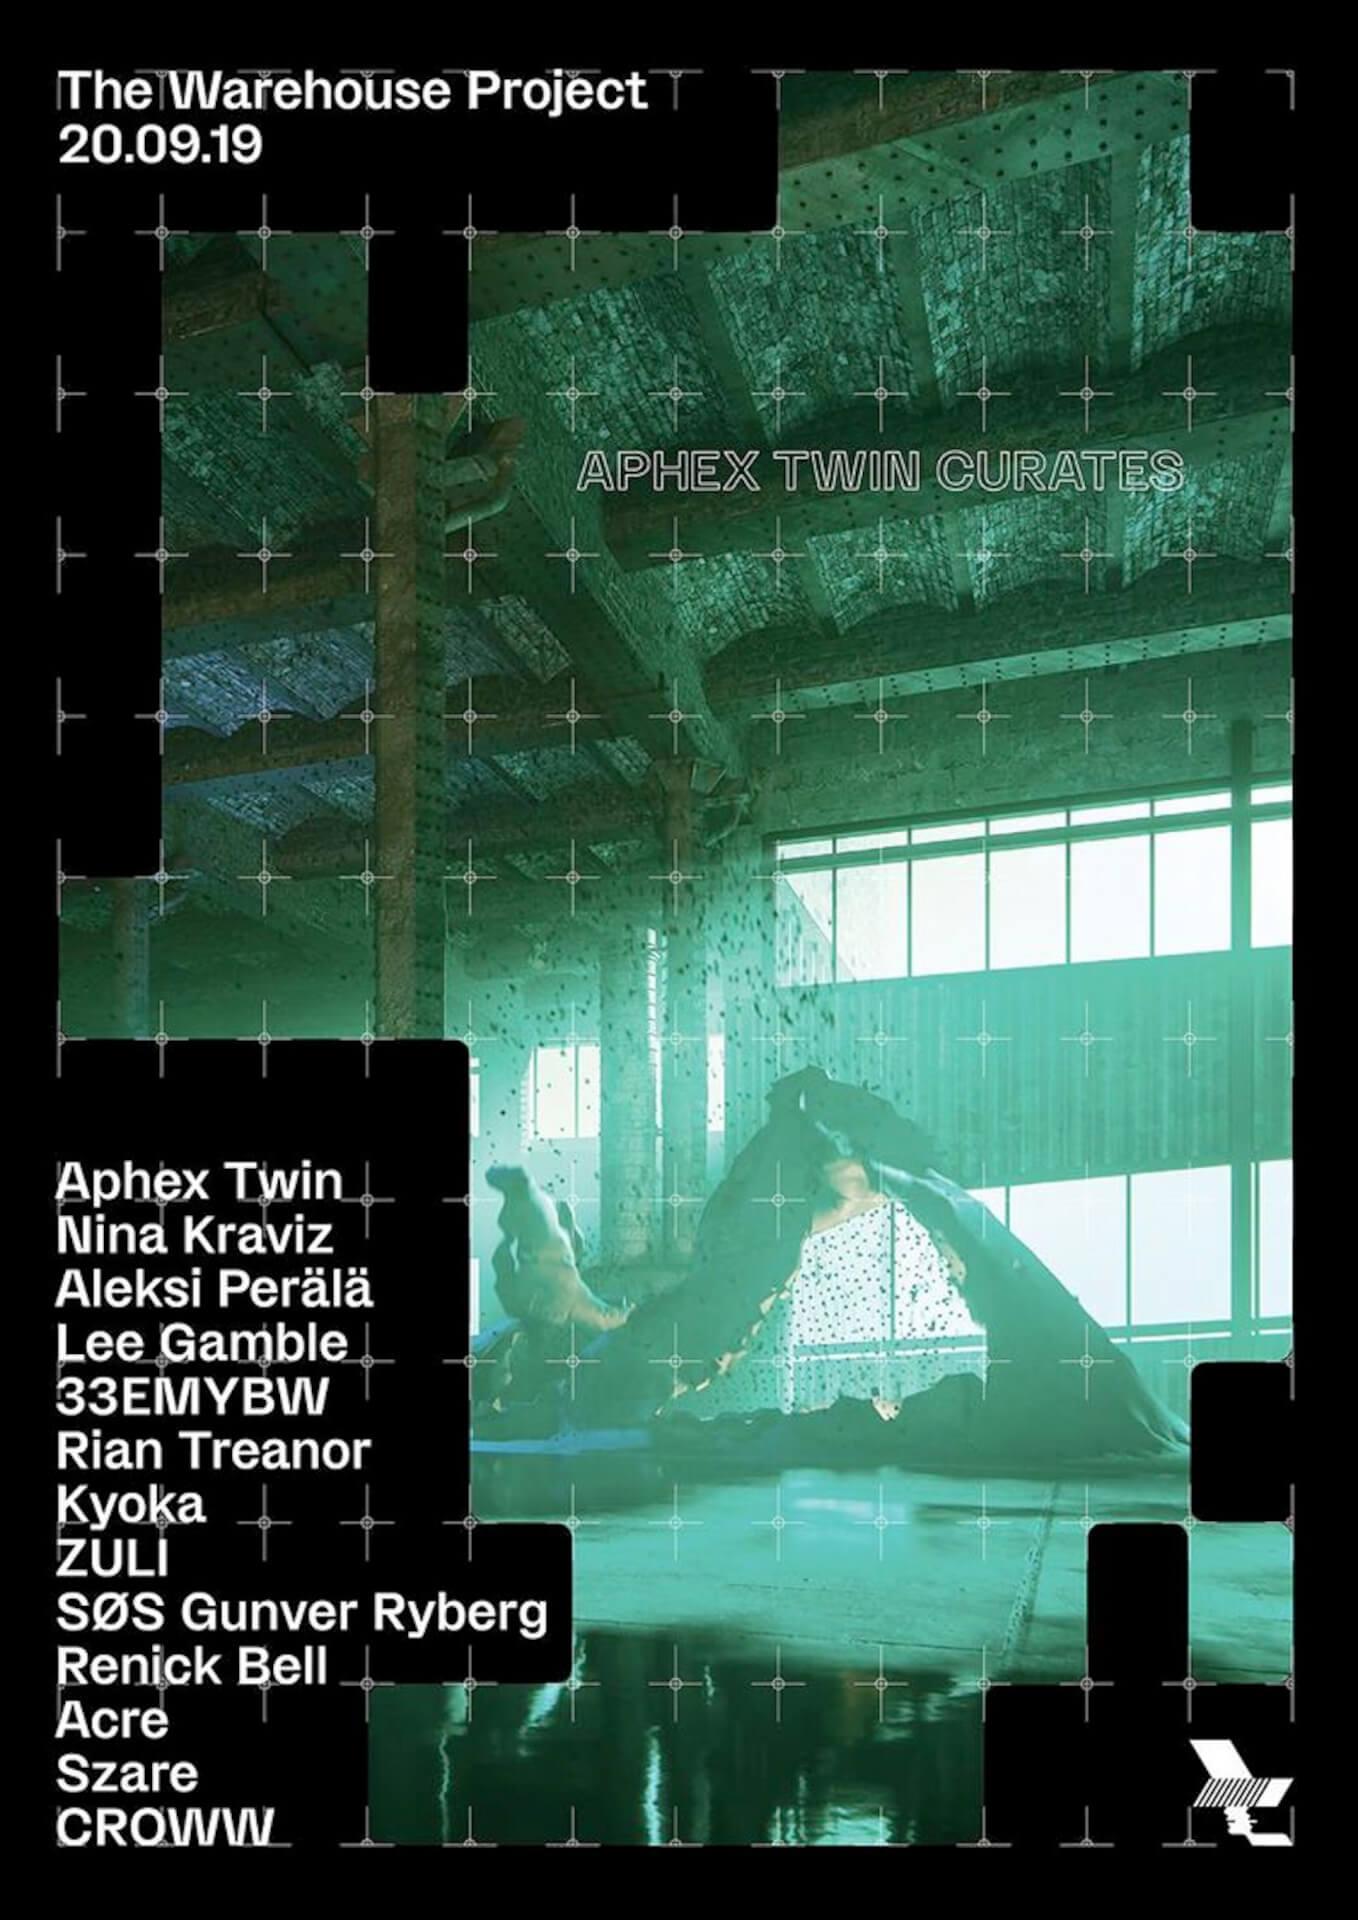 フェス<Warehouse project>のAphex Twinキュレート枠に日本人女性アーティスト・Kyokaの出演が決定 aphextwin